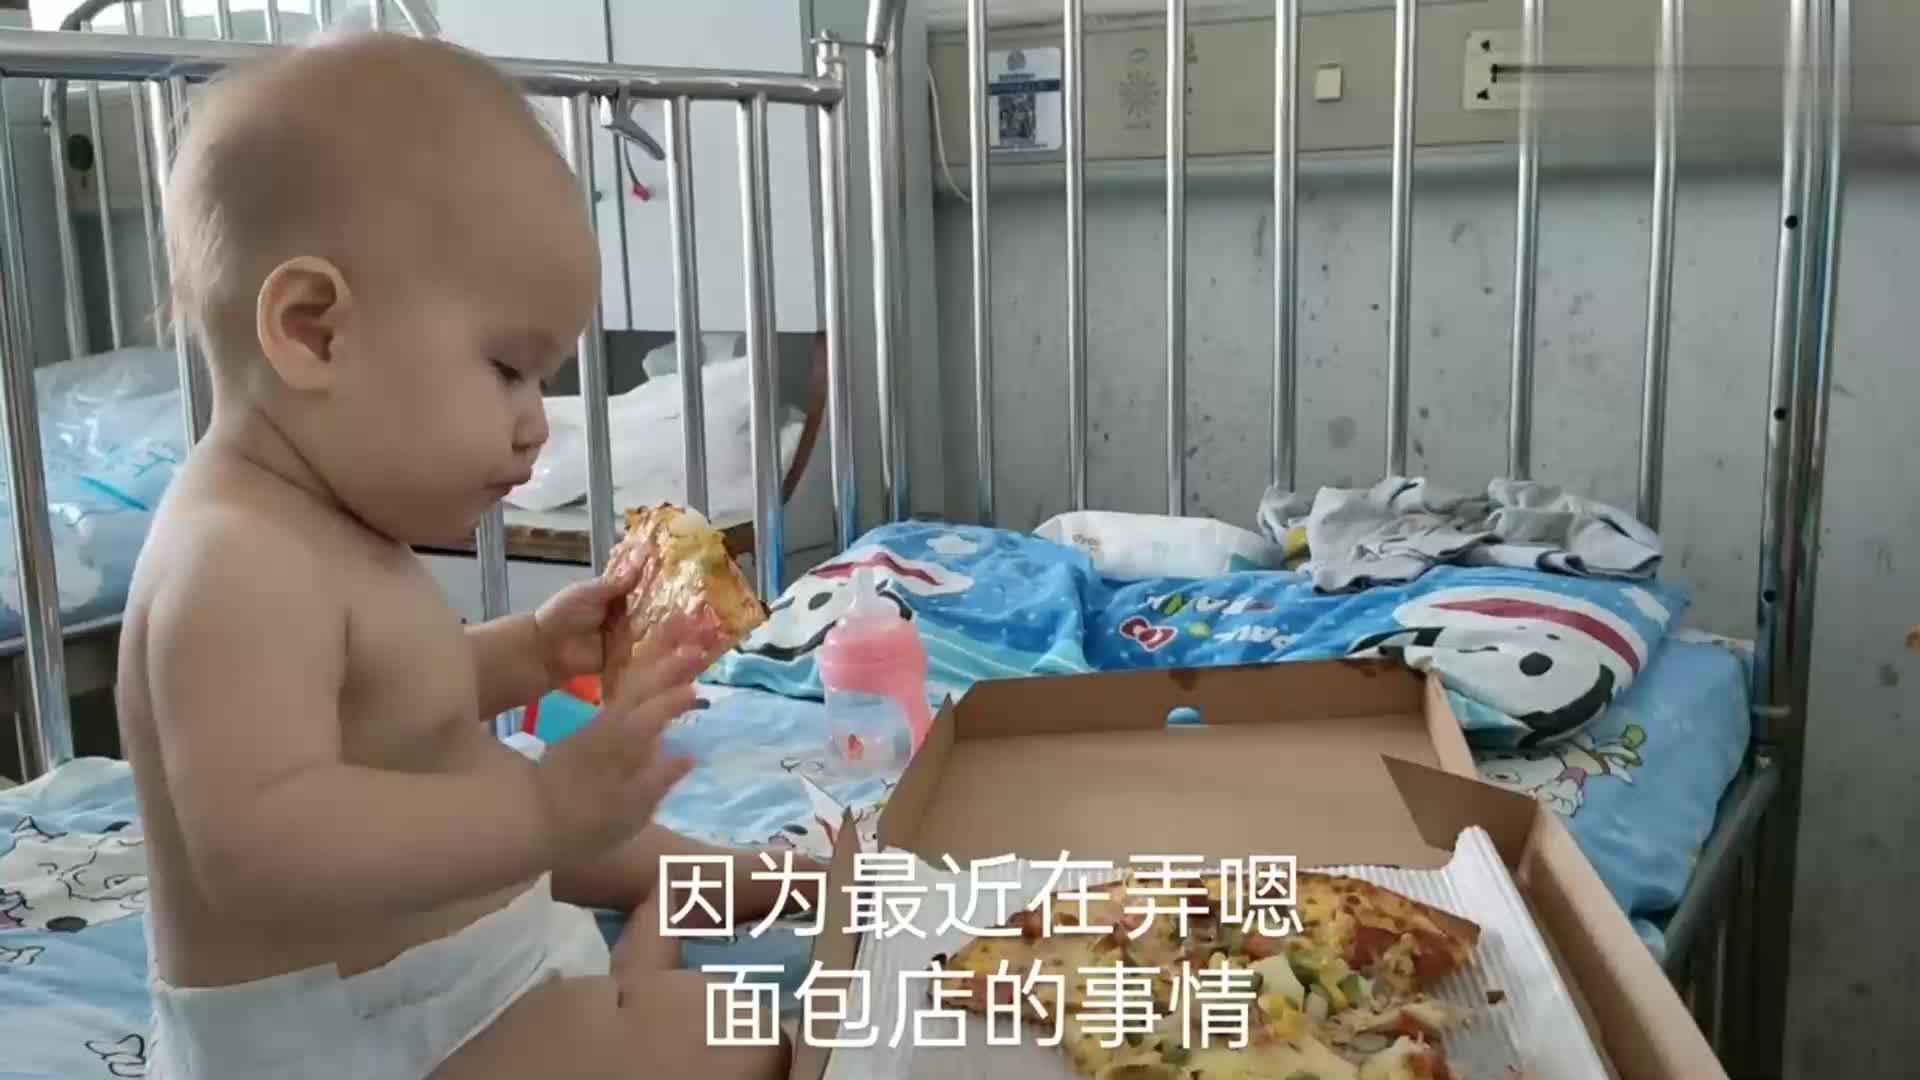 10个月宝宝阿丽娜发生高热惊厥,妈妈来不及穿衣服裹着毛毯去医院